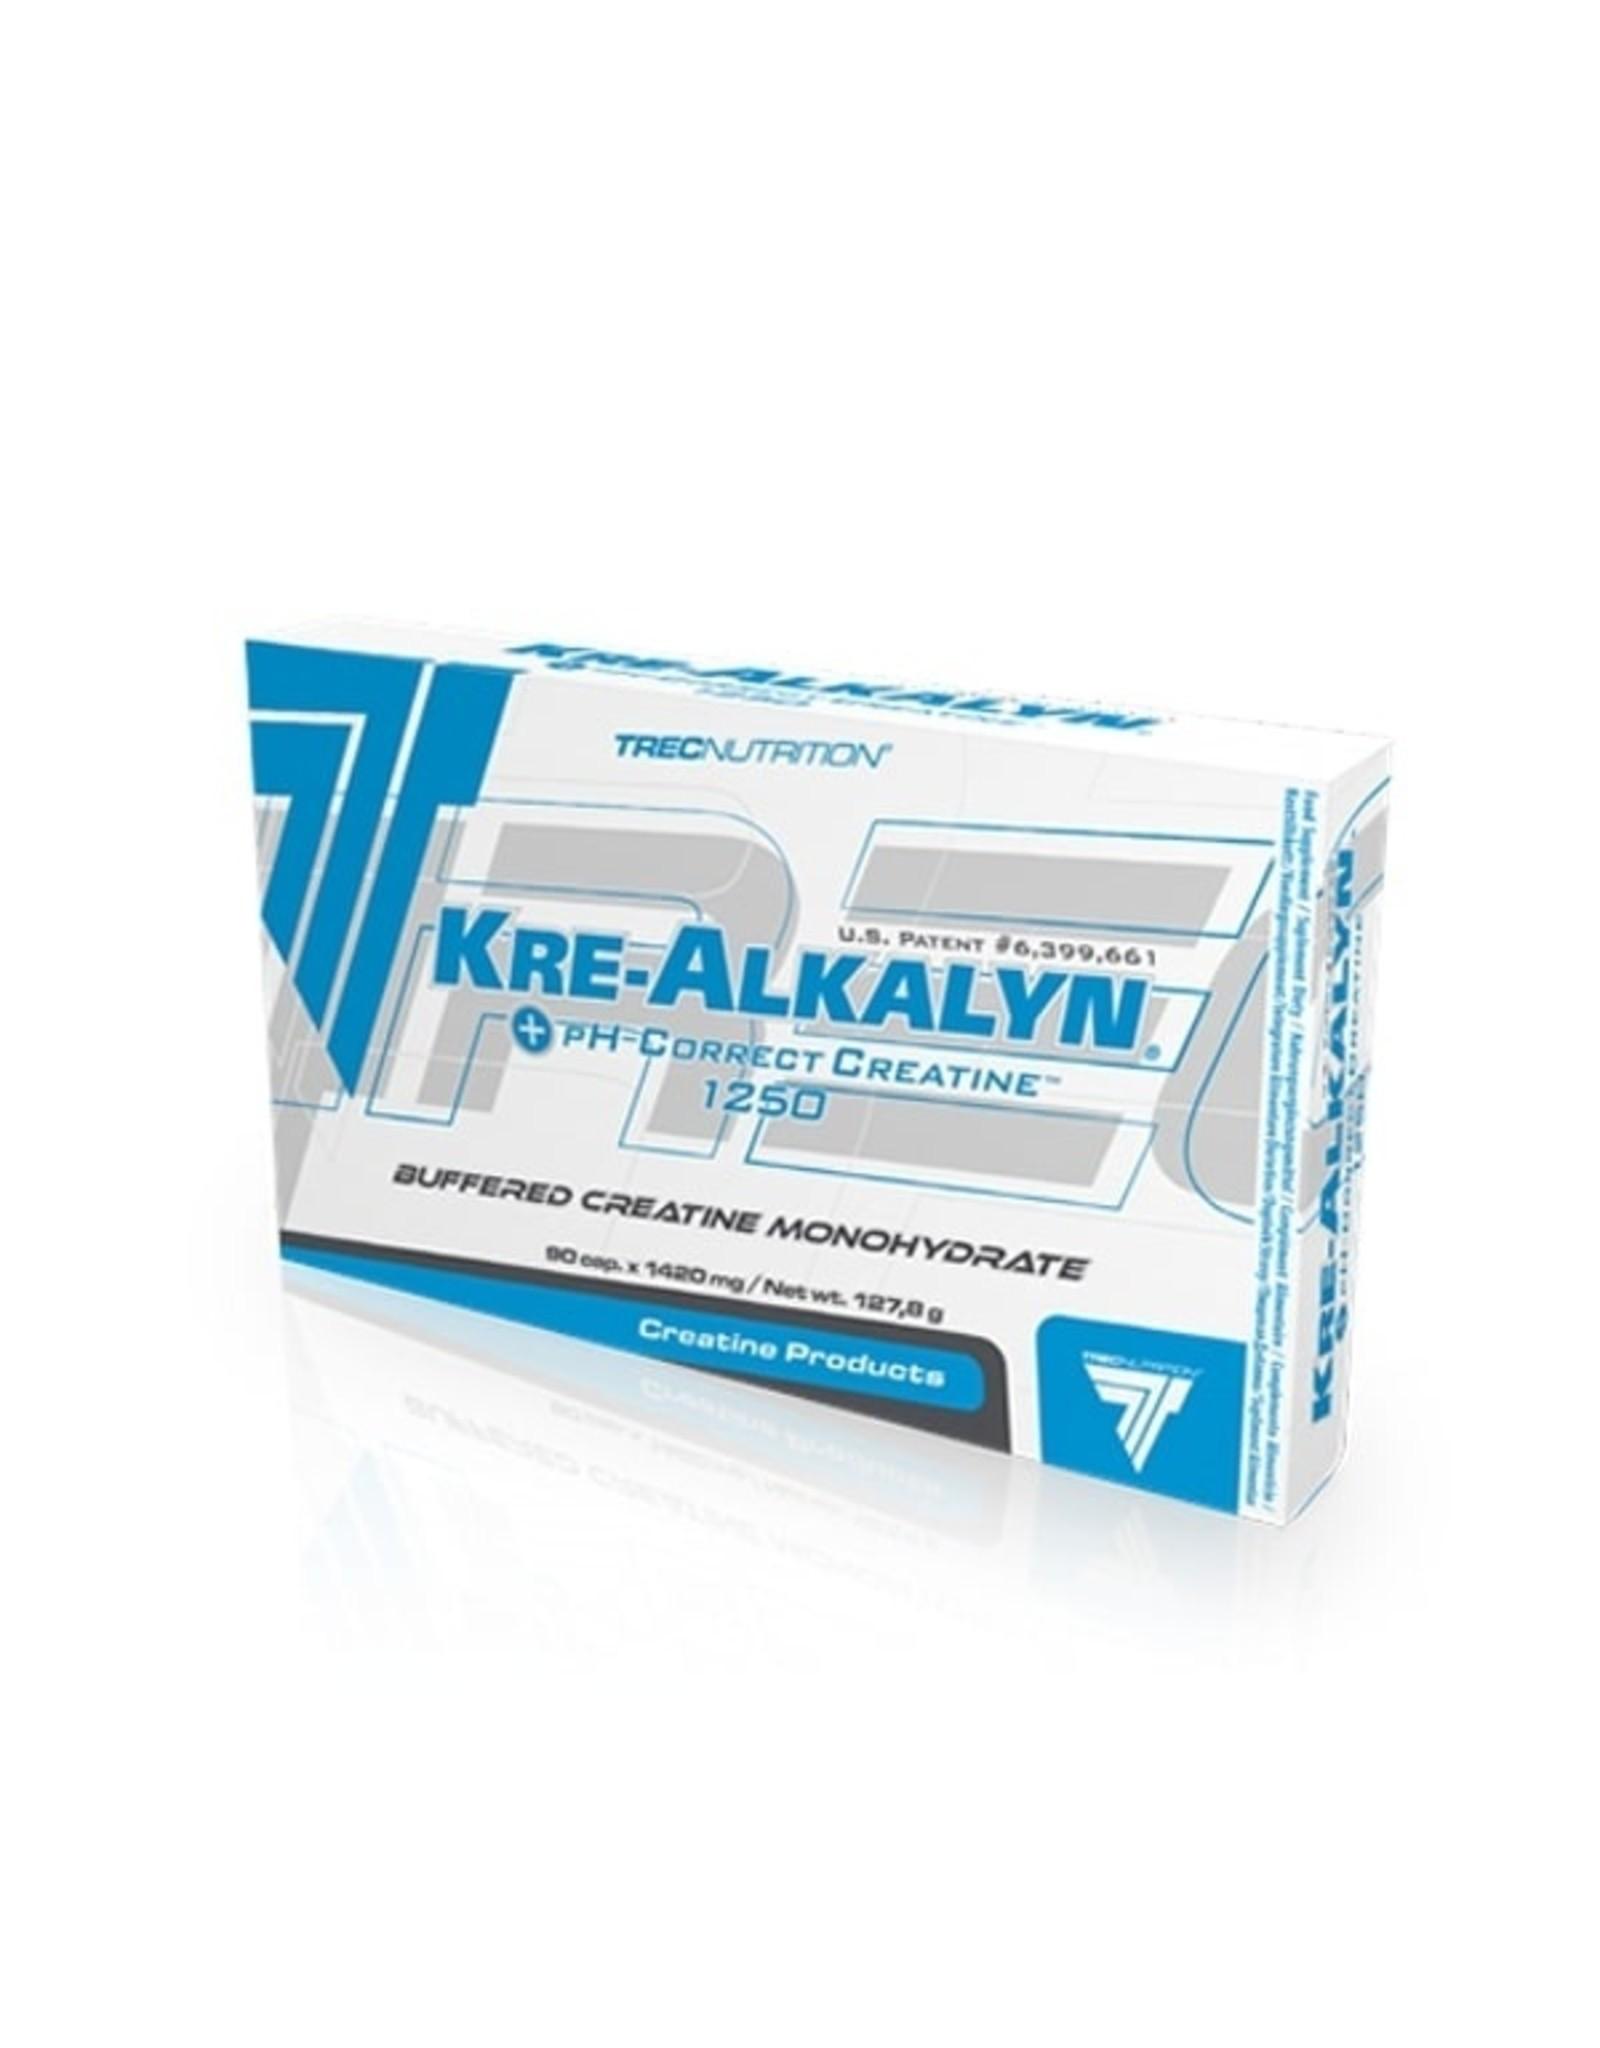 TREC NUTRITION Kre-Alkalyn - King Size